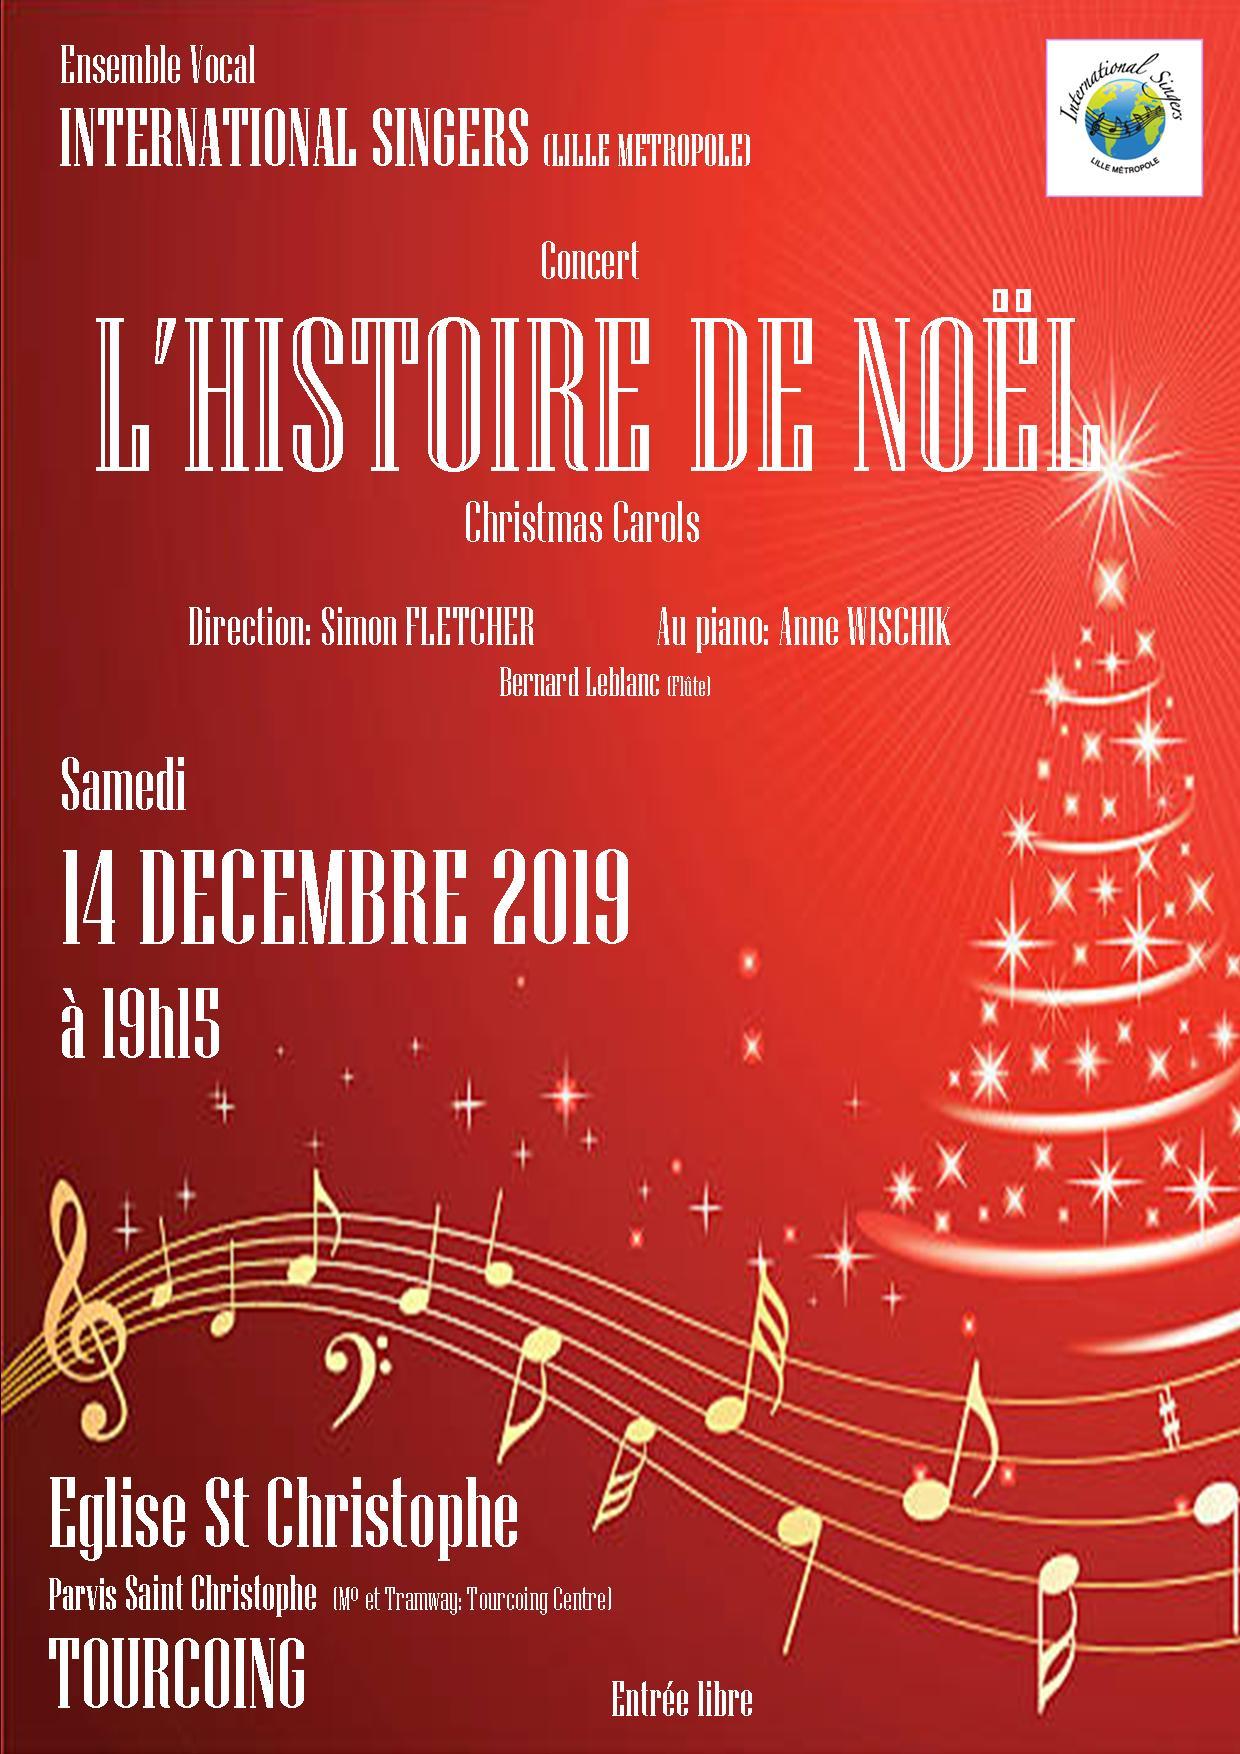 Histoire de Noel (Tourcoing)